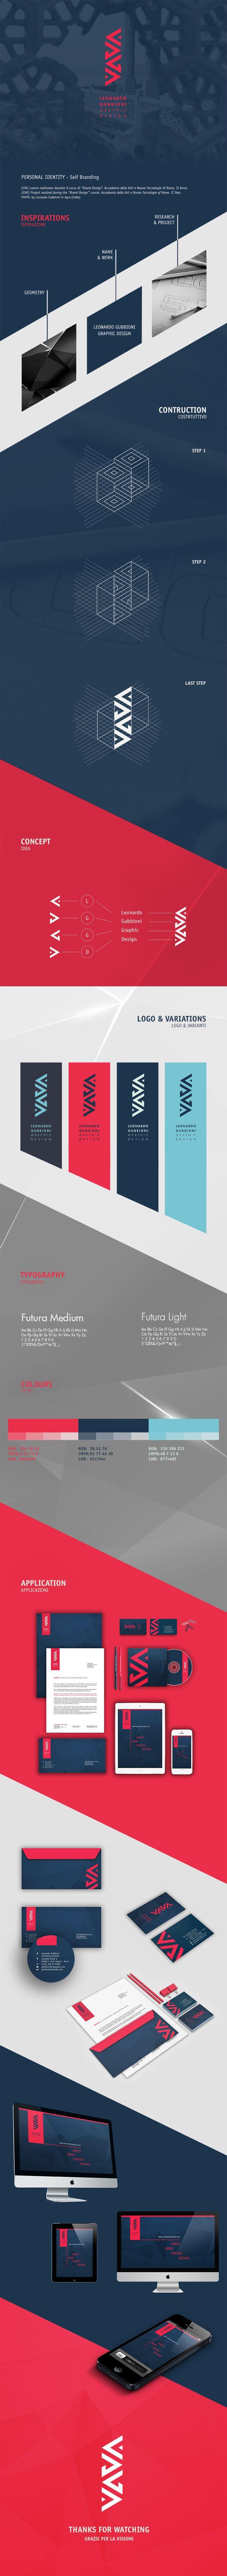 A importância de se ter uma marca pessoal // Branding Leonardo Gubbioni